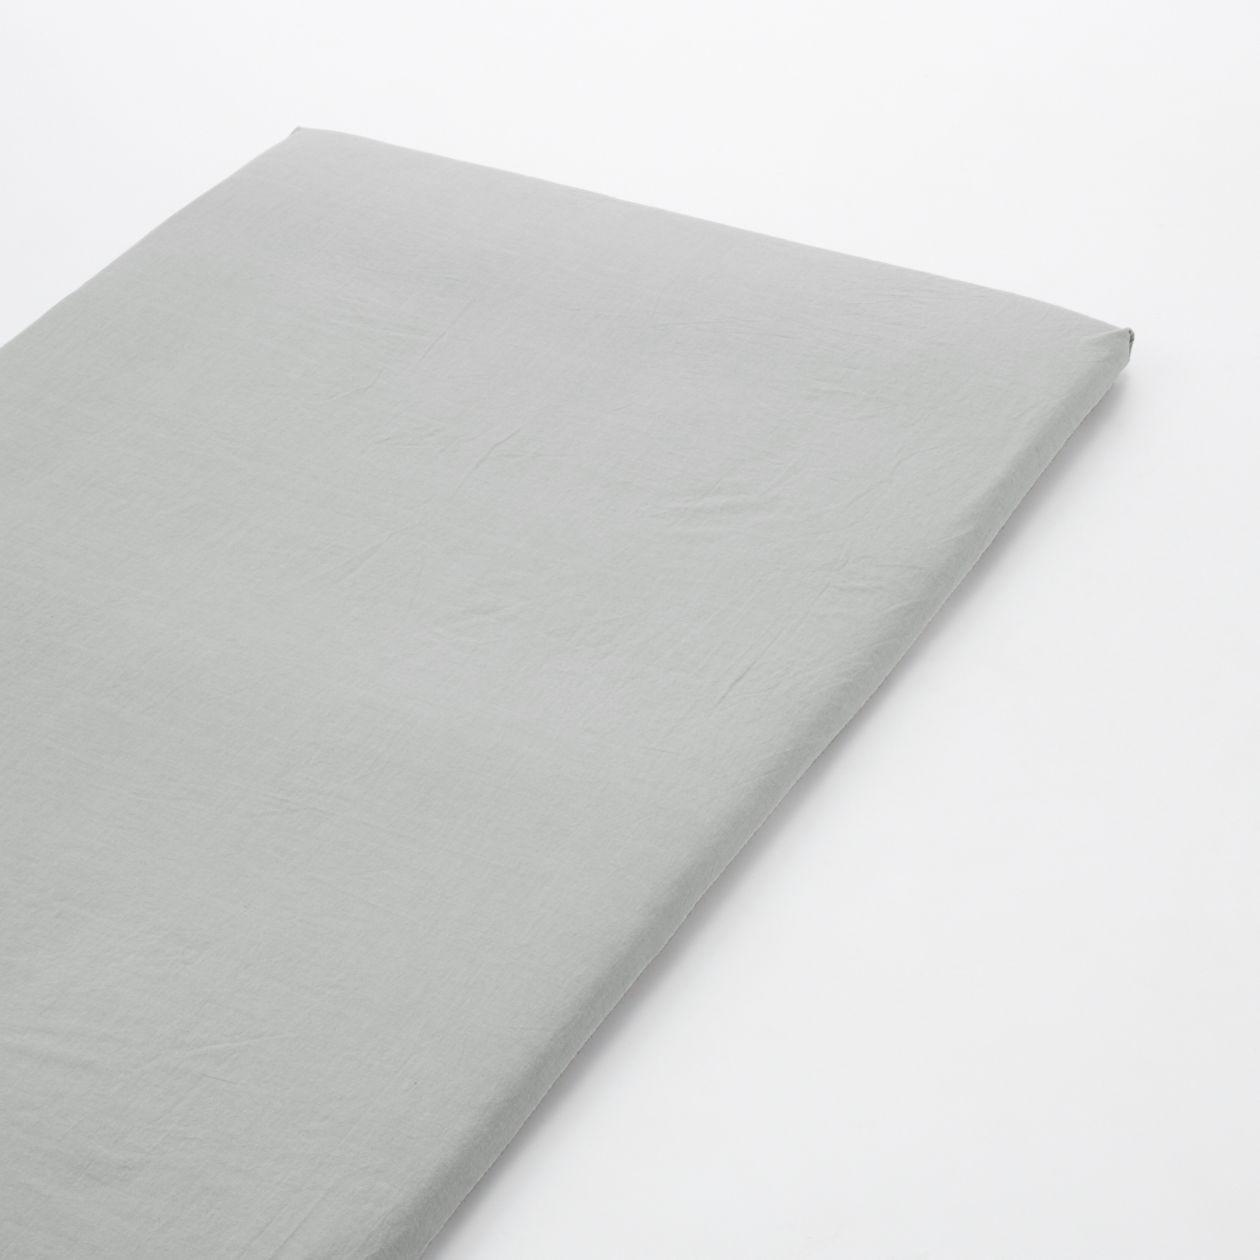 綿洗いざらし敷ふとんシーツ・ゴム付き・S/グレー